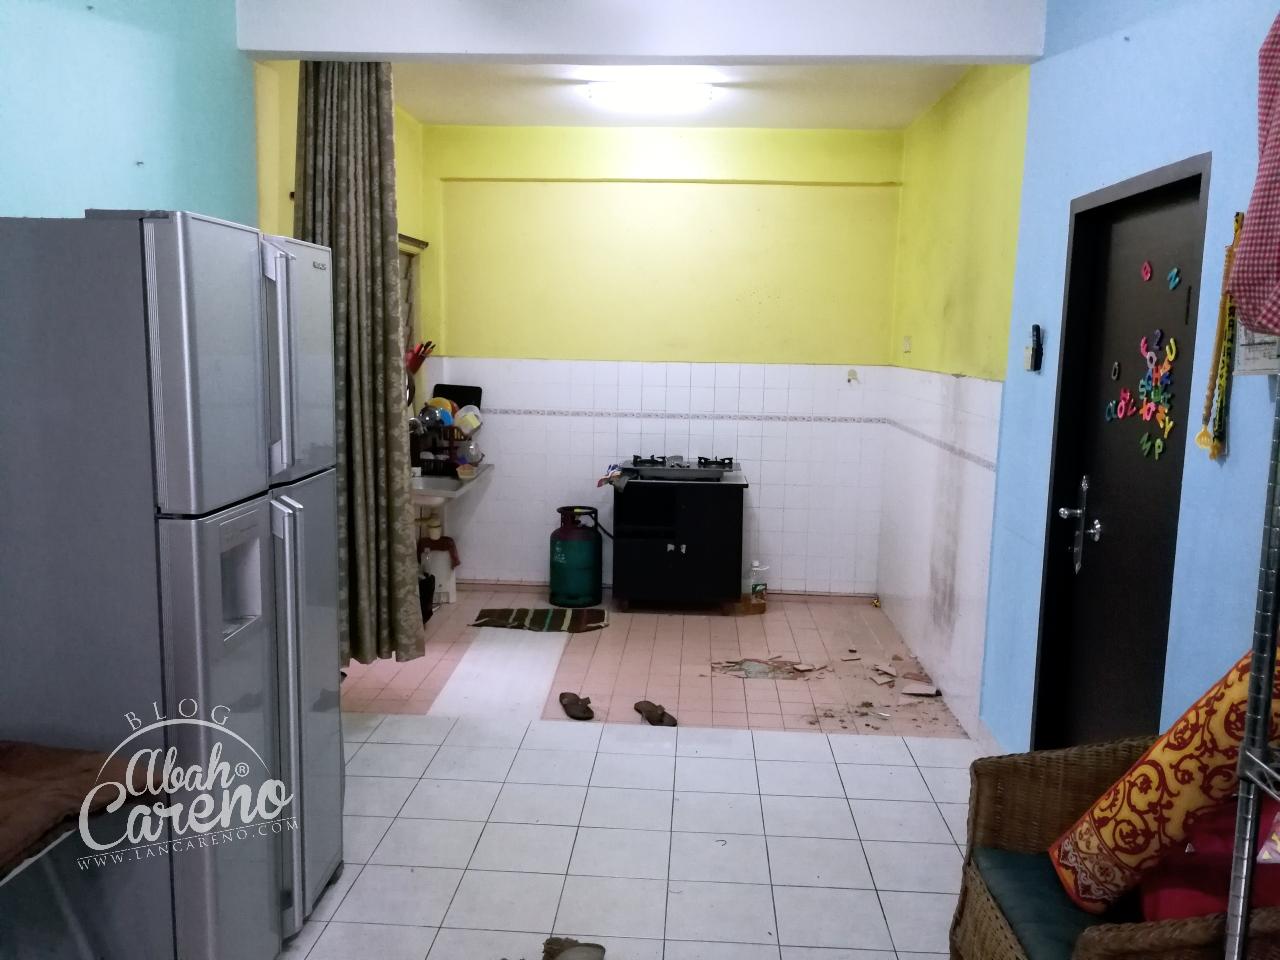 Seronoknya Bila Dapur Rumah Berwajah Baru Blog Abah Careno